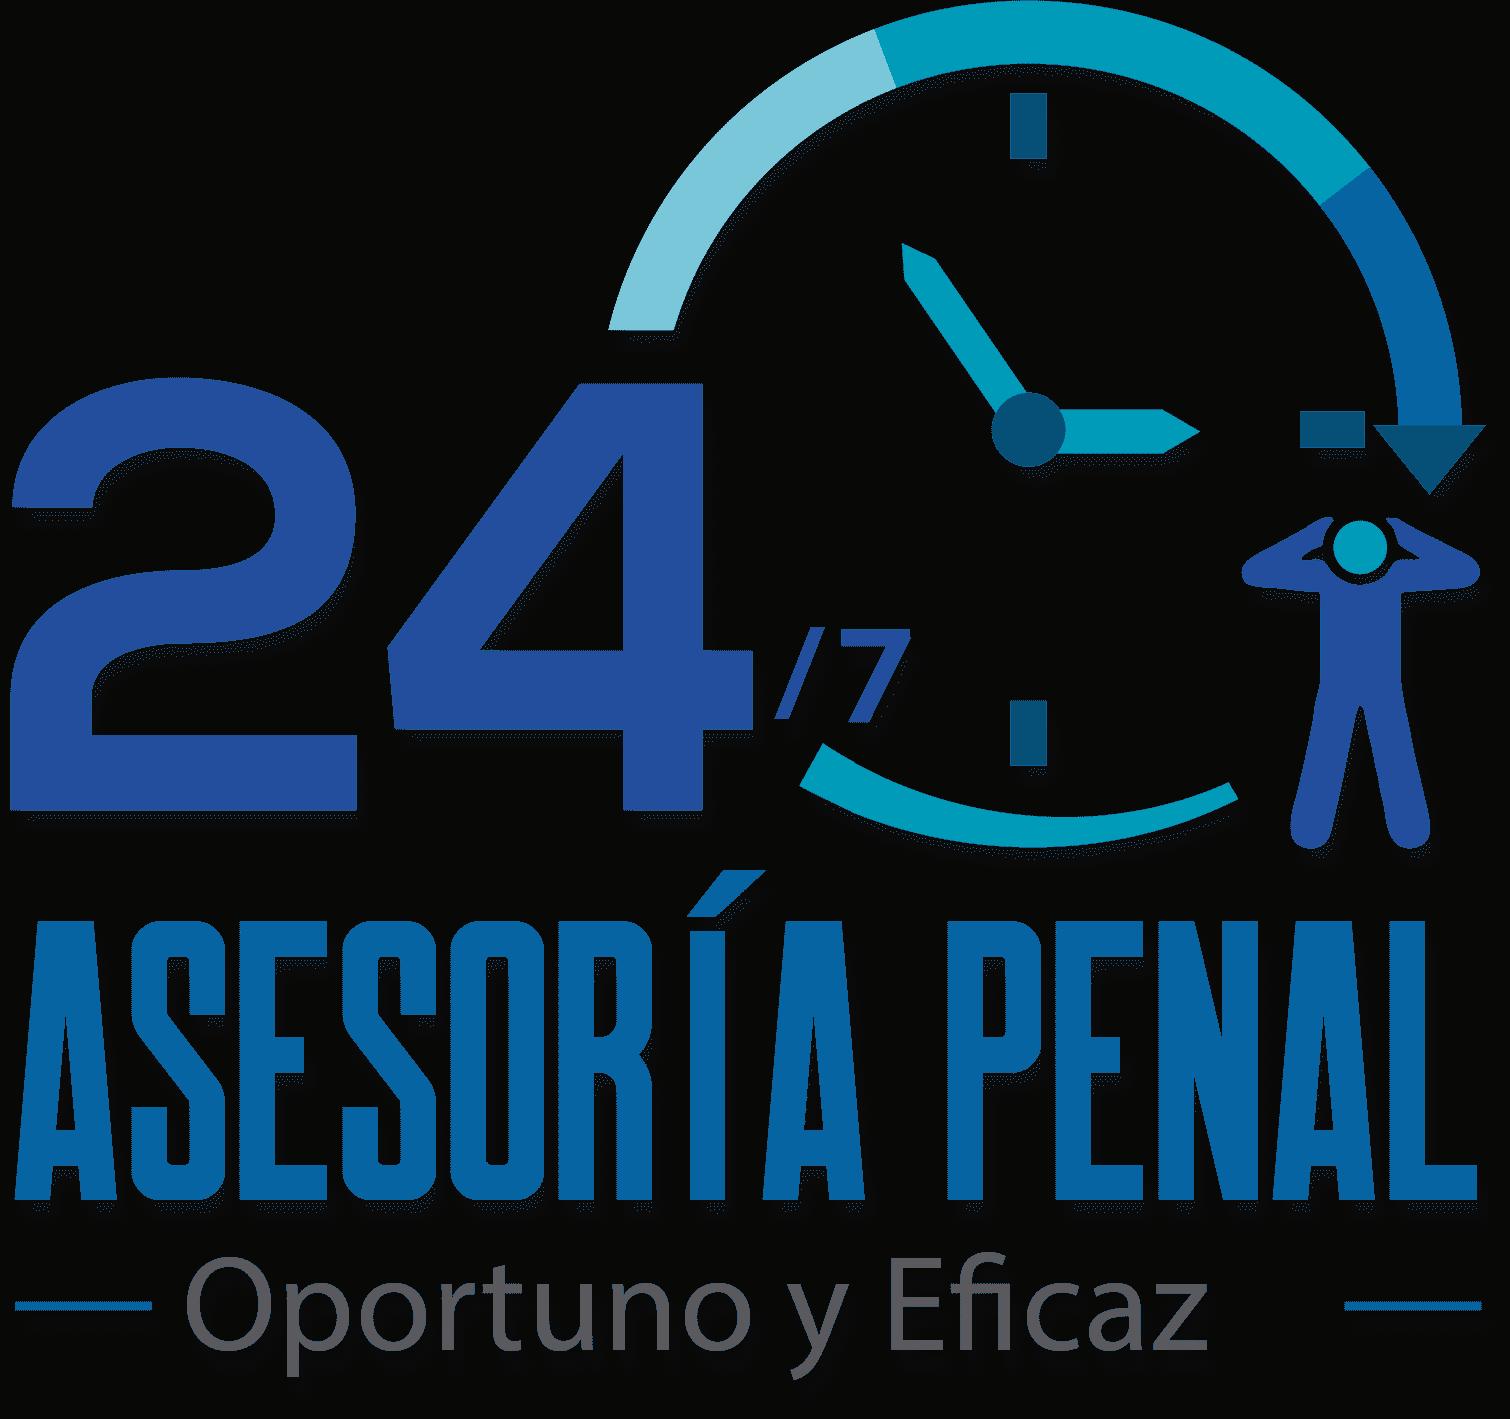 logo asesoria penal